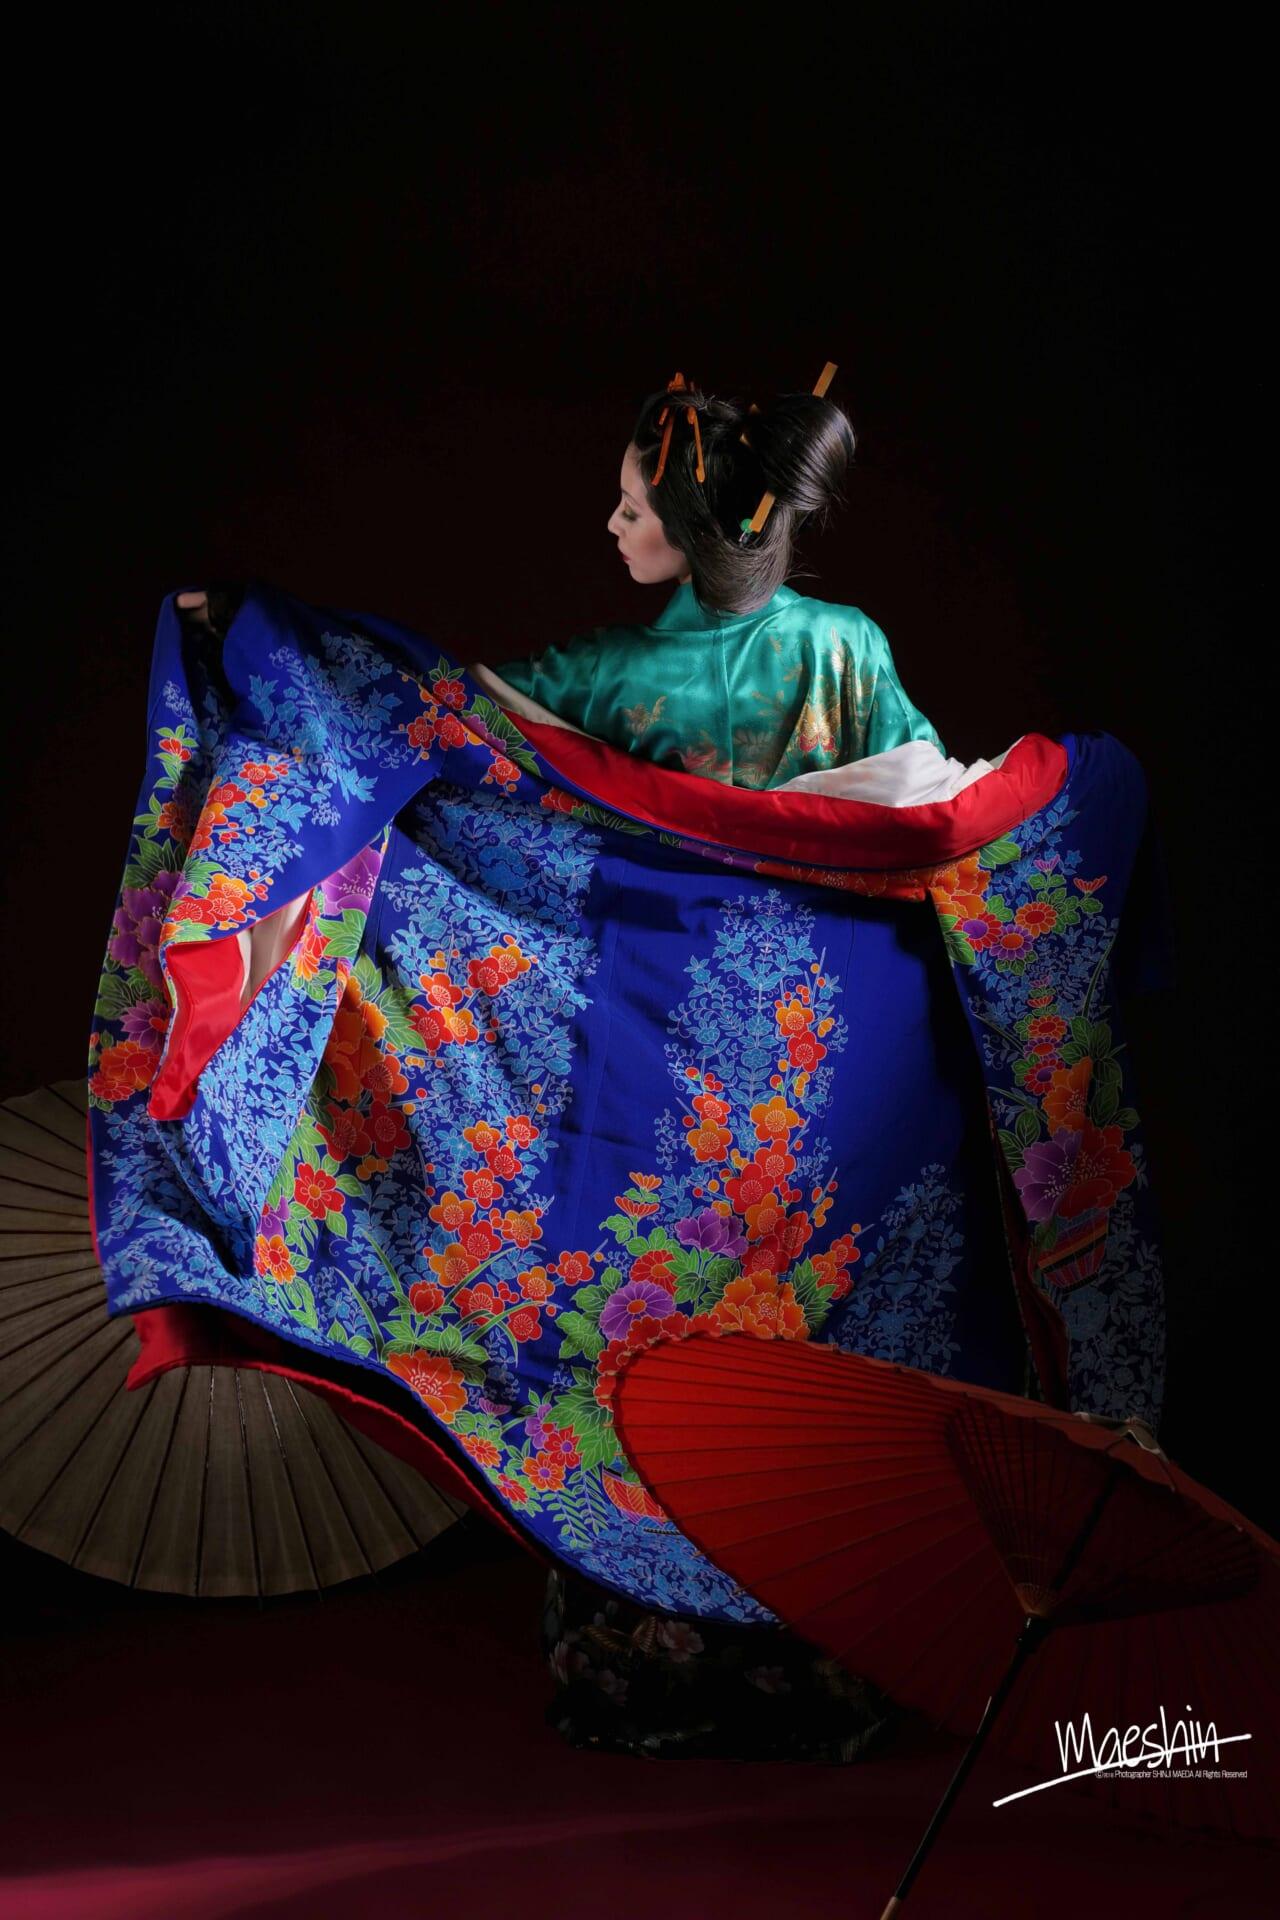 5/25㈫ Maeshin 撮影現場見学 モデル:琴音